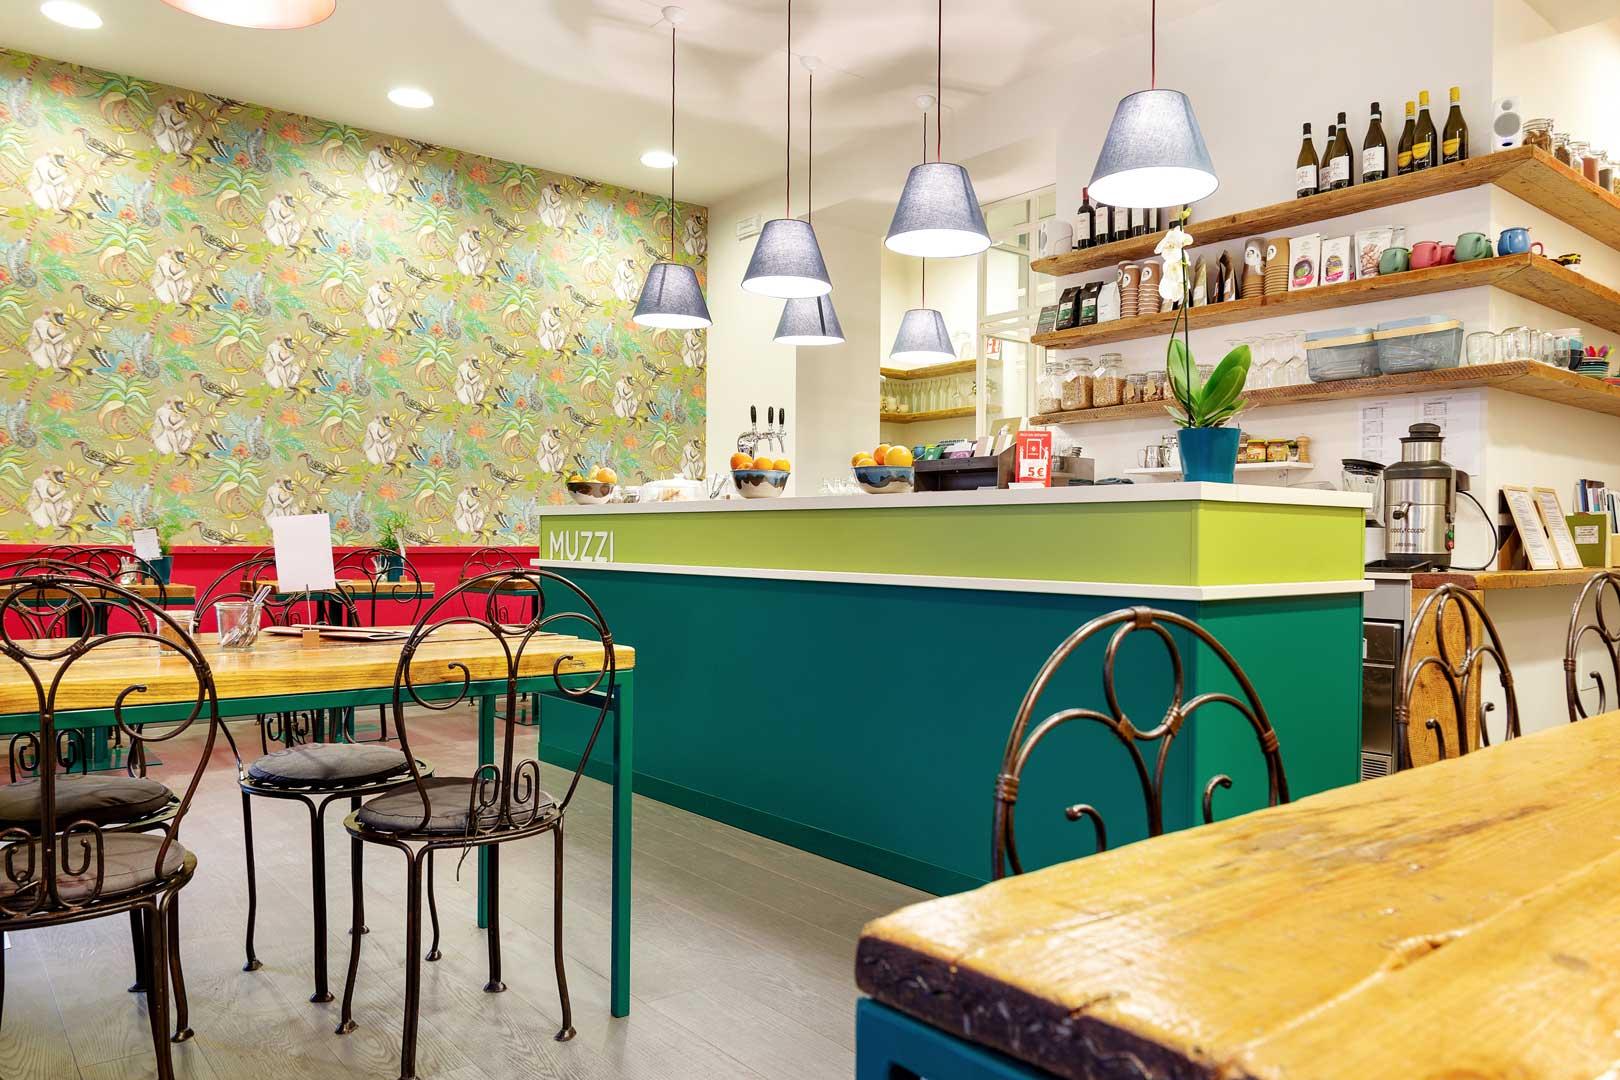 La migliore insalata a Milano: dove mangiarla